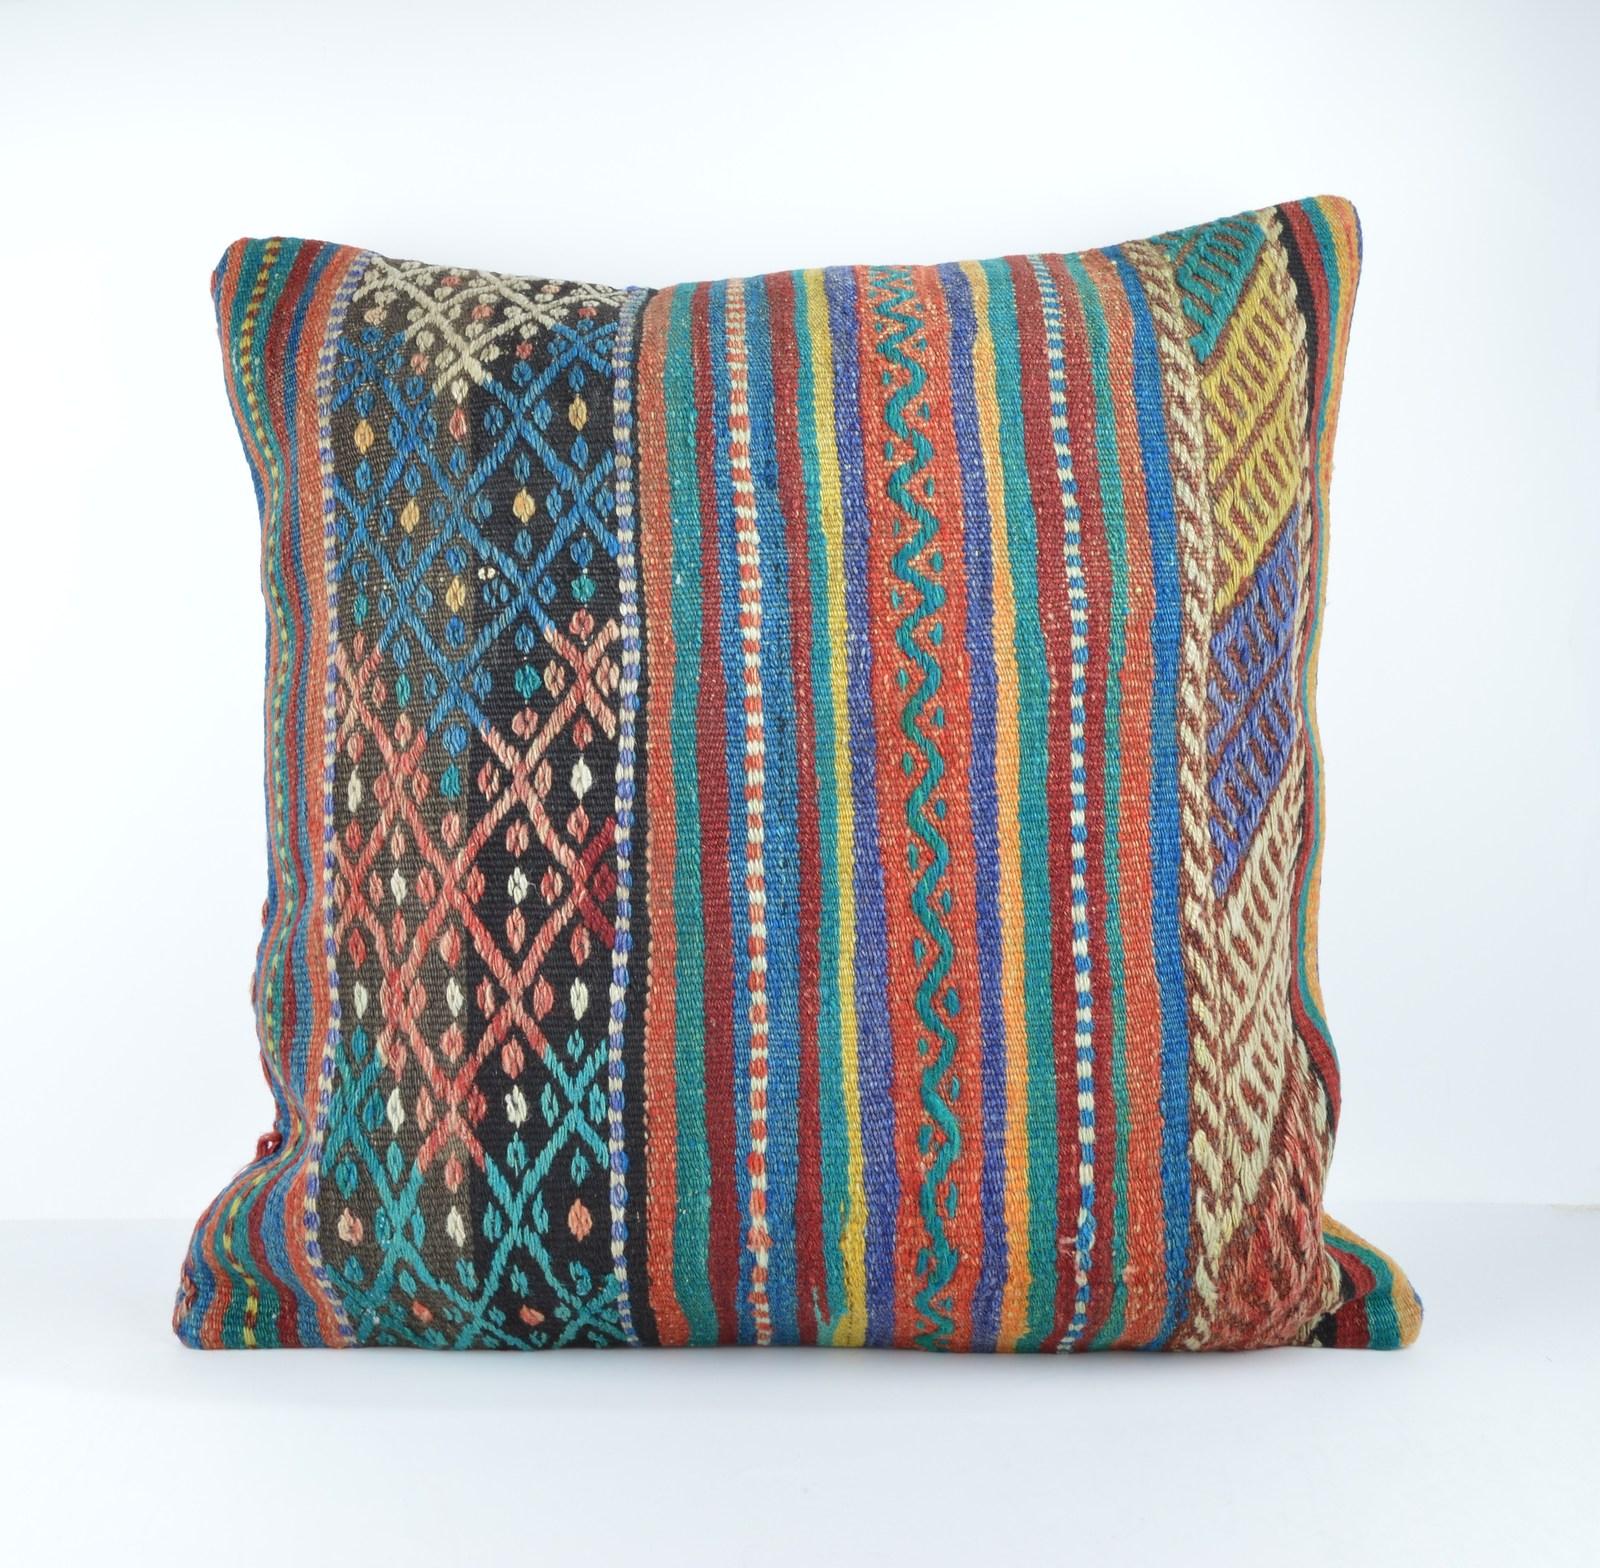 24x24 inch pillow extra large pilloweuropean pillow